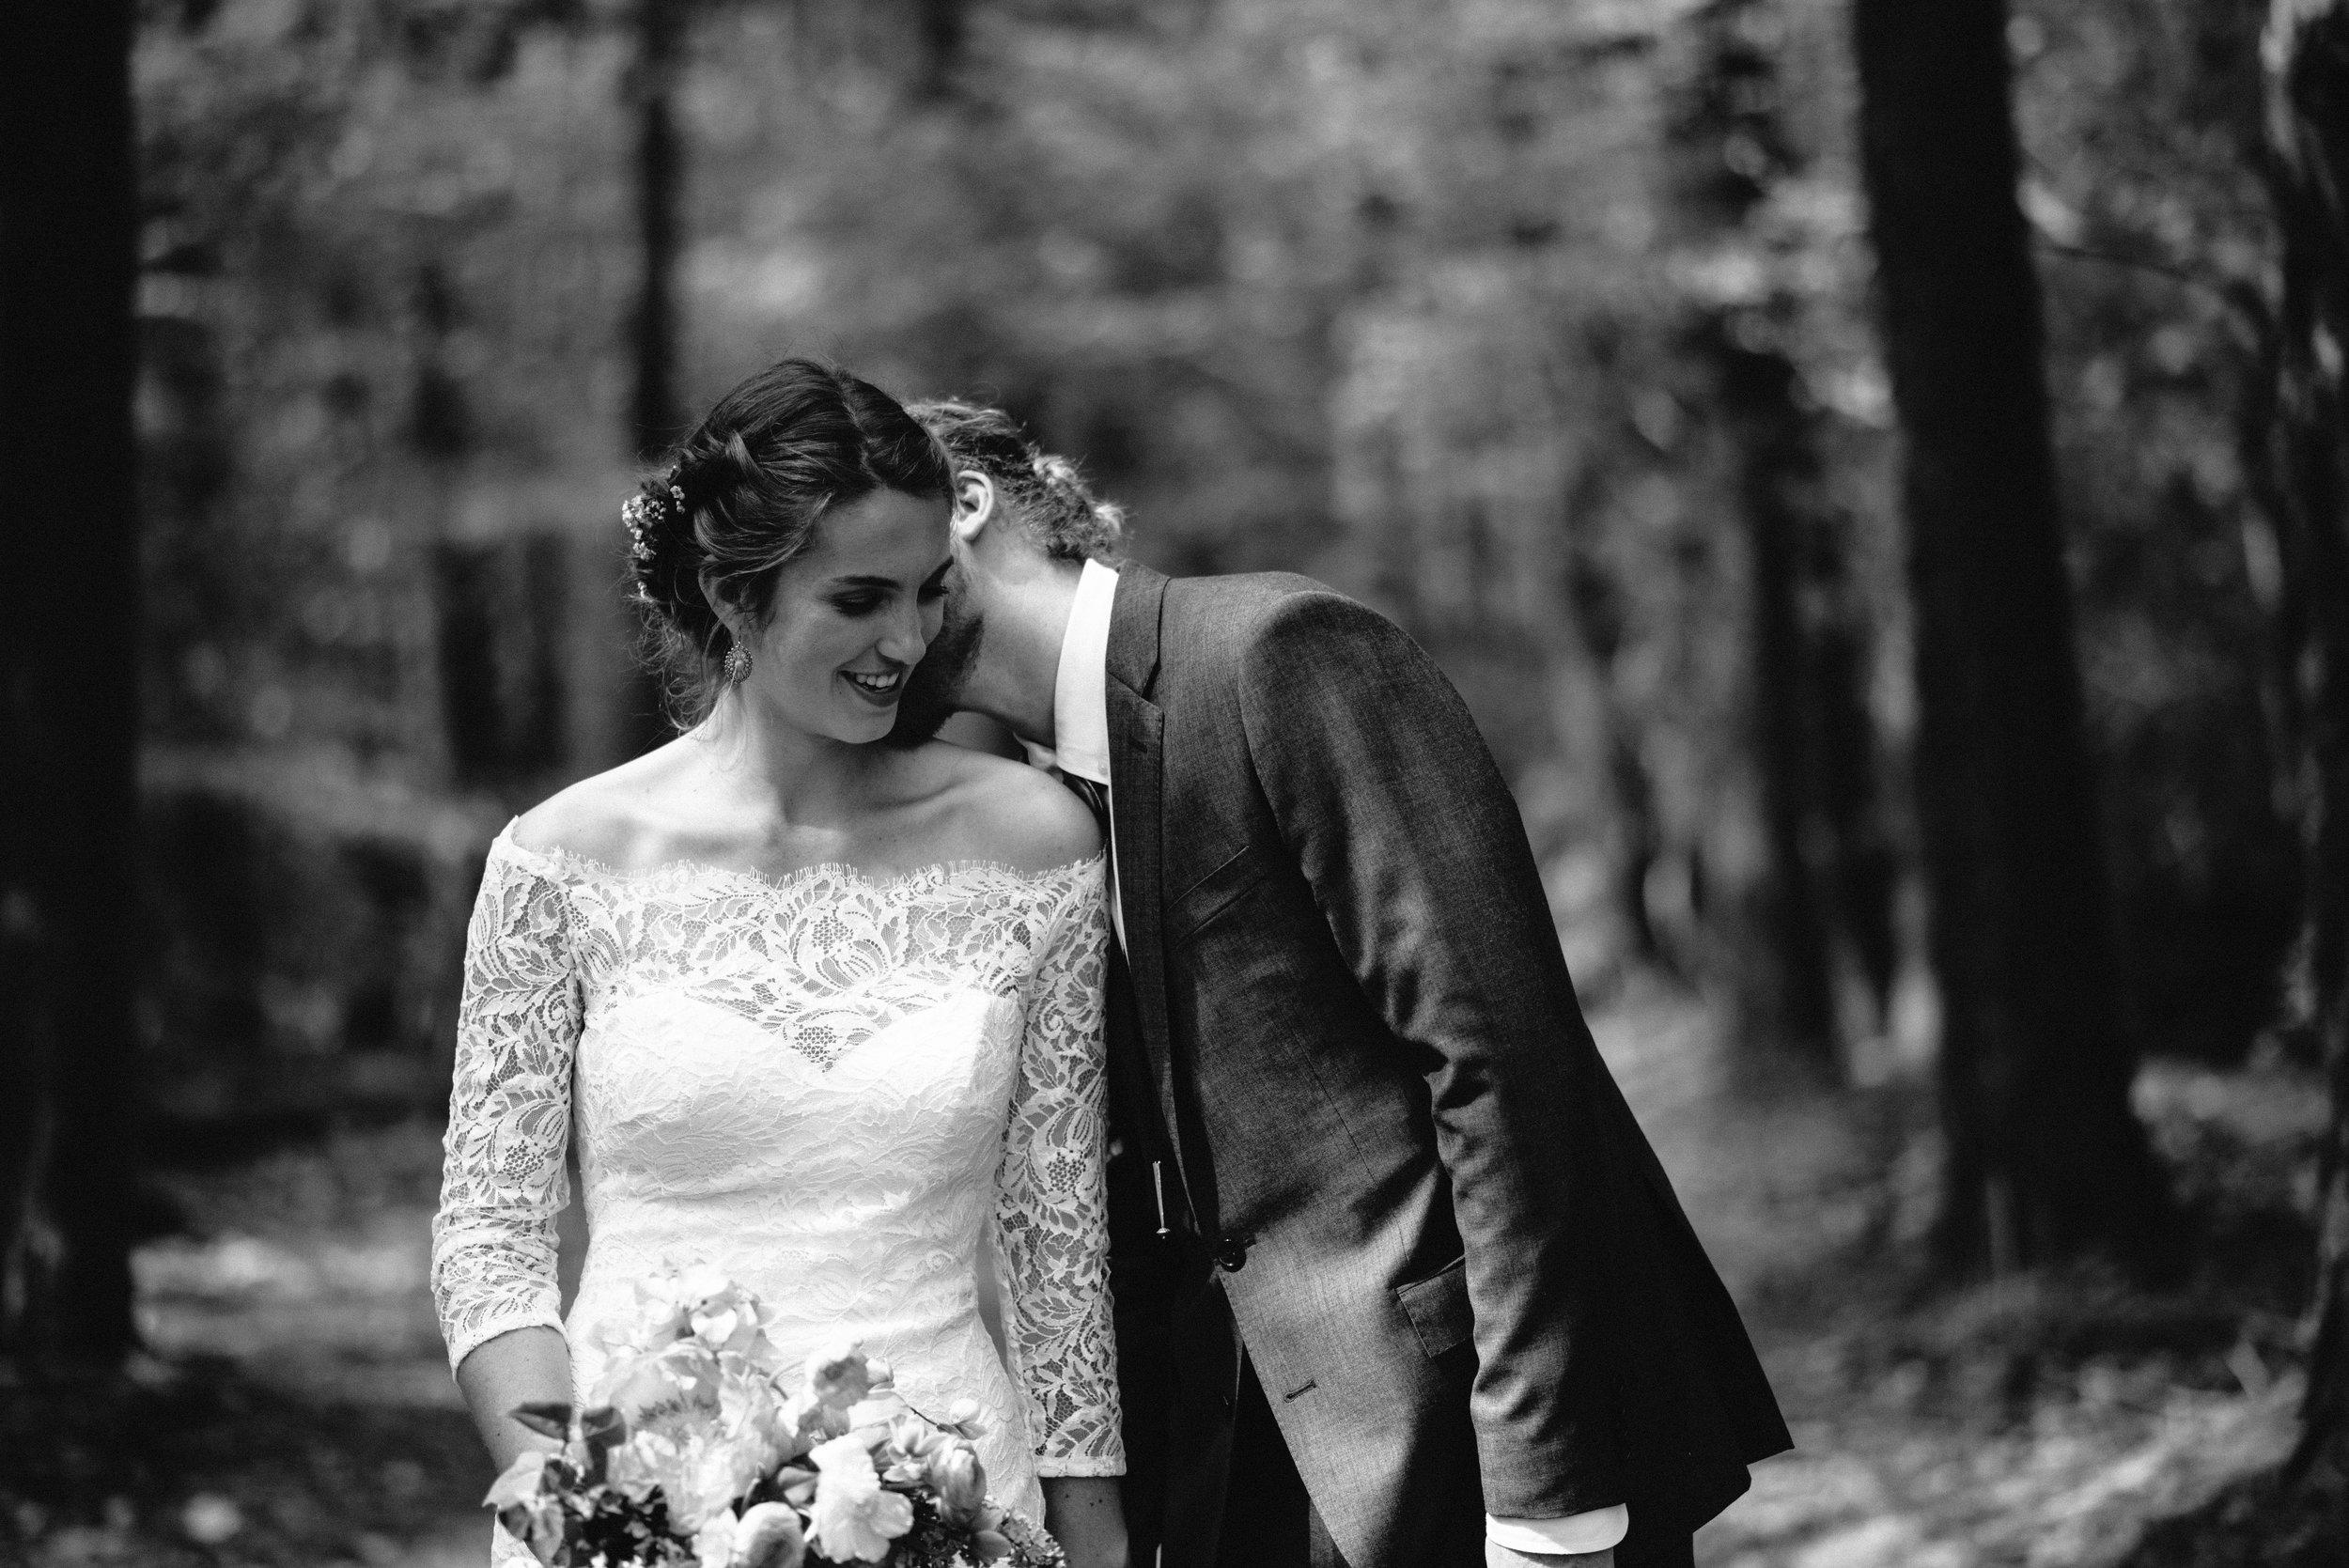 raleigh-elopement-photographer-raleigh-durham-wedding-maddie-and-devin- (29 of 162).jpg